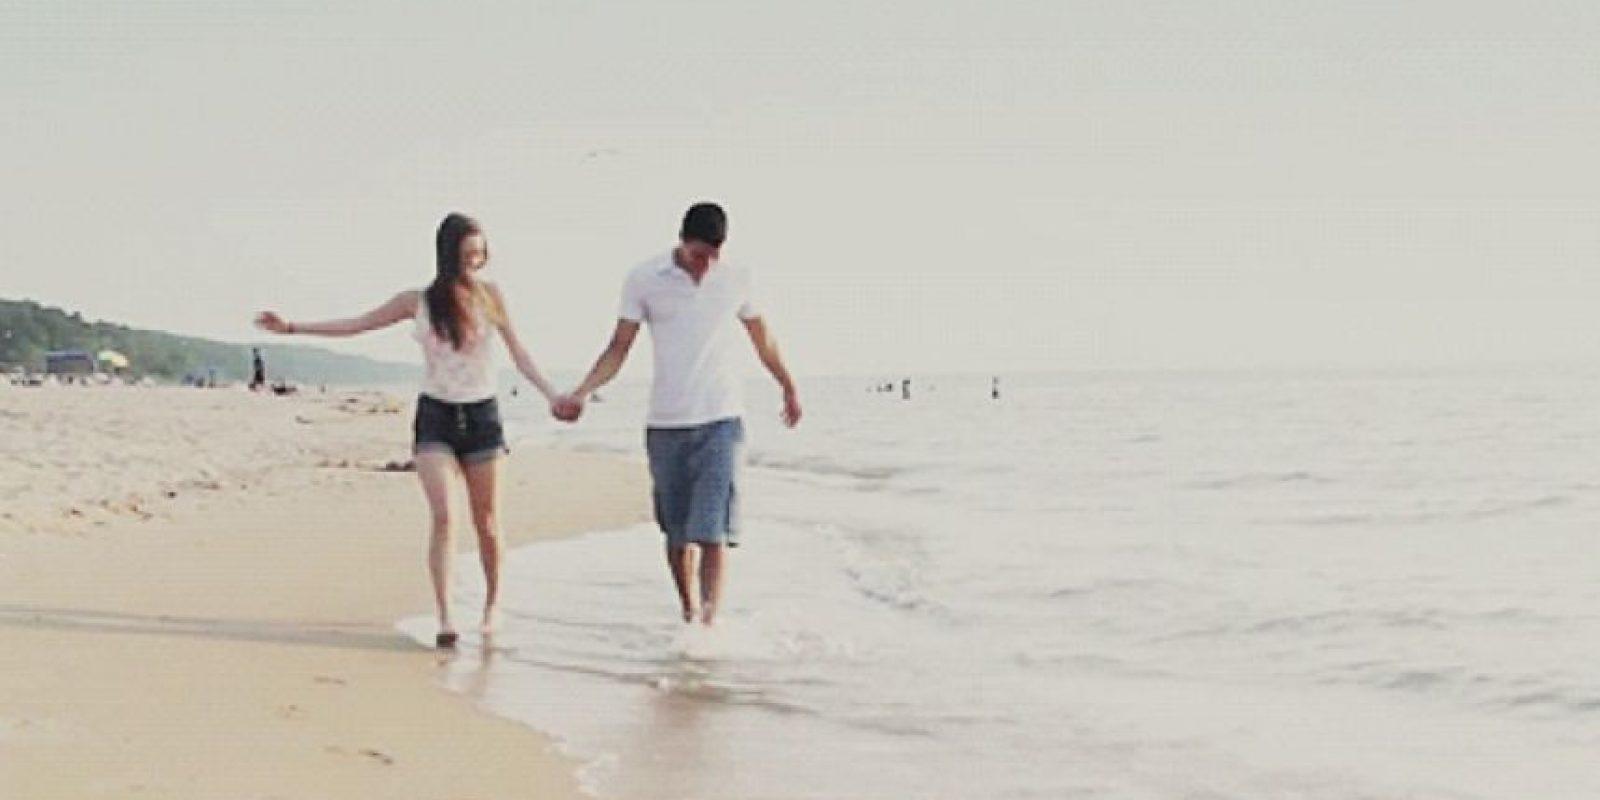 """Aunque no lo crean el estudio arrojó que los hombres también tienen como principal factor de elección el factor que se cosidera """"ideal"""" en una persona. Foto:Tumblr.com/Tagged-pareja"""